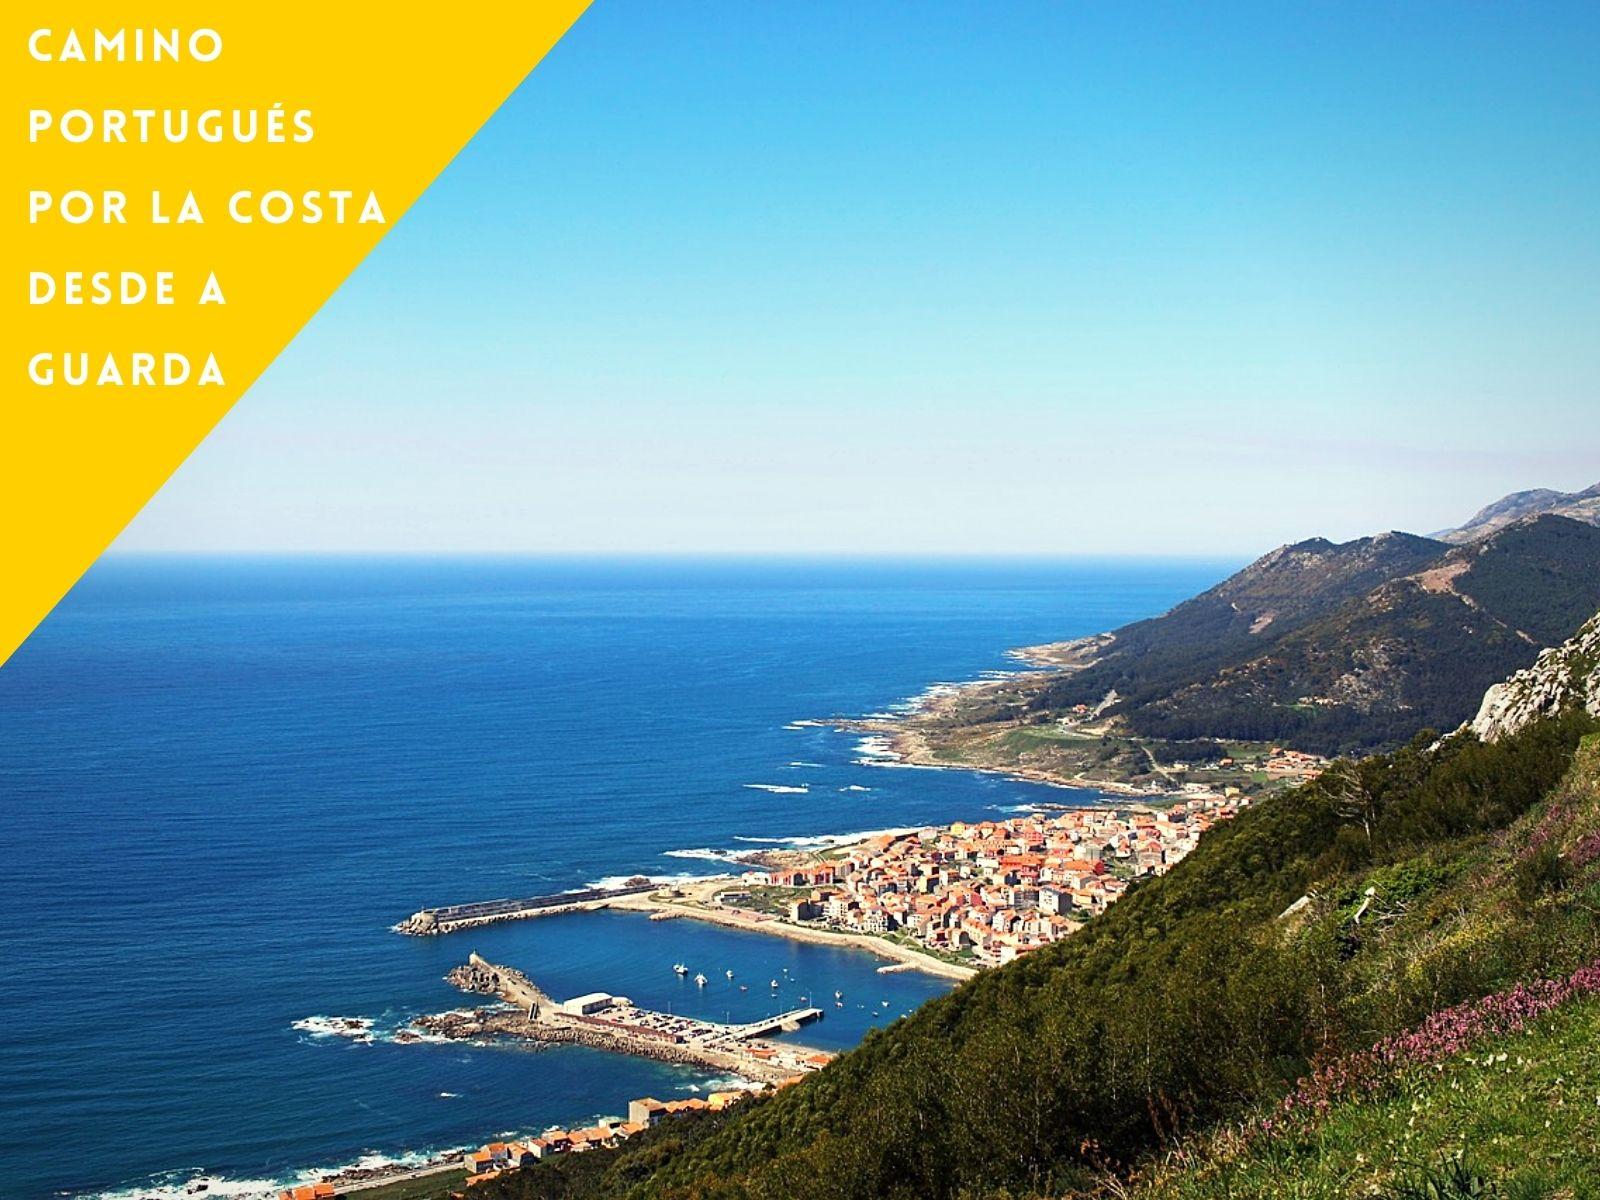 Camino Portugués por la Costa desde A Guarda